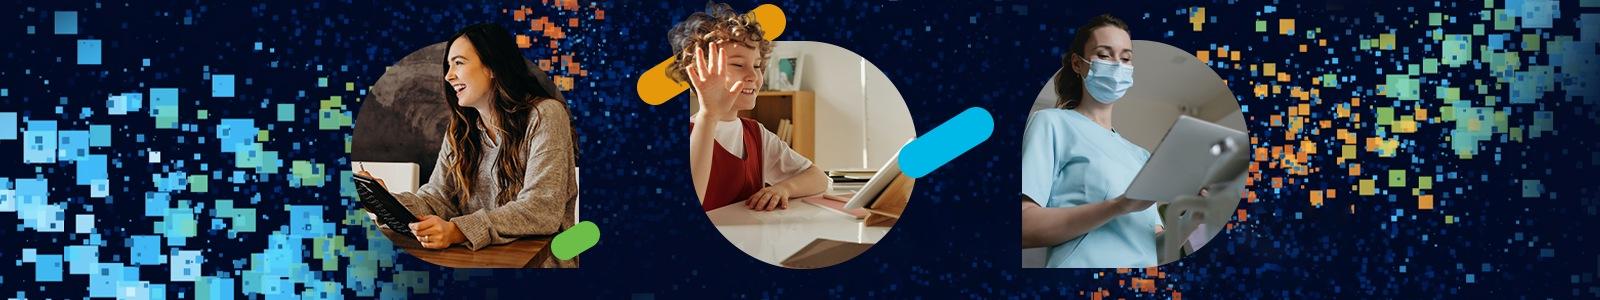 Evento virtual: El Impacto de la Tecnología en la Sociedad: Gobierno Digital, Educación y Salud